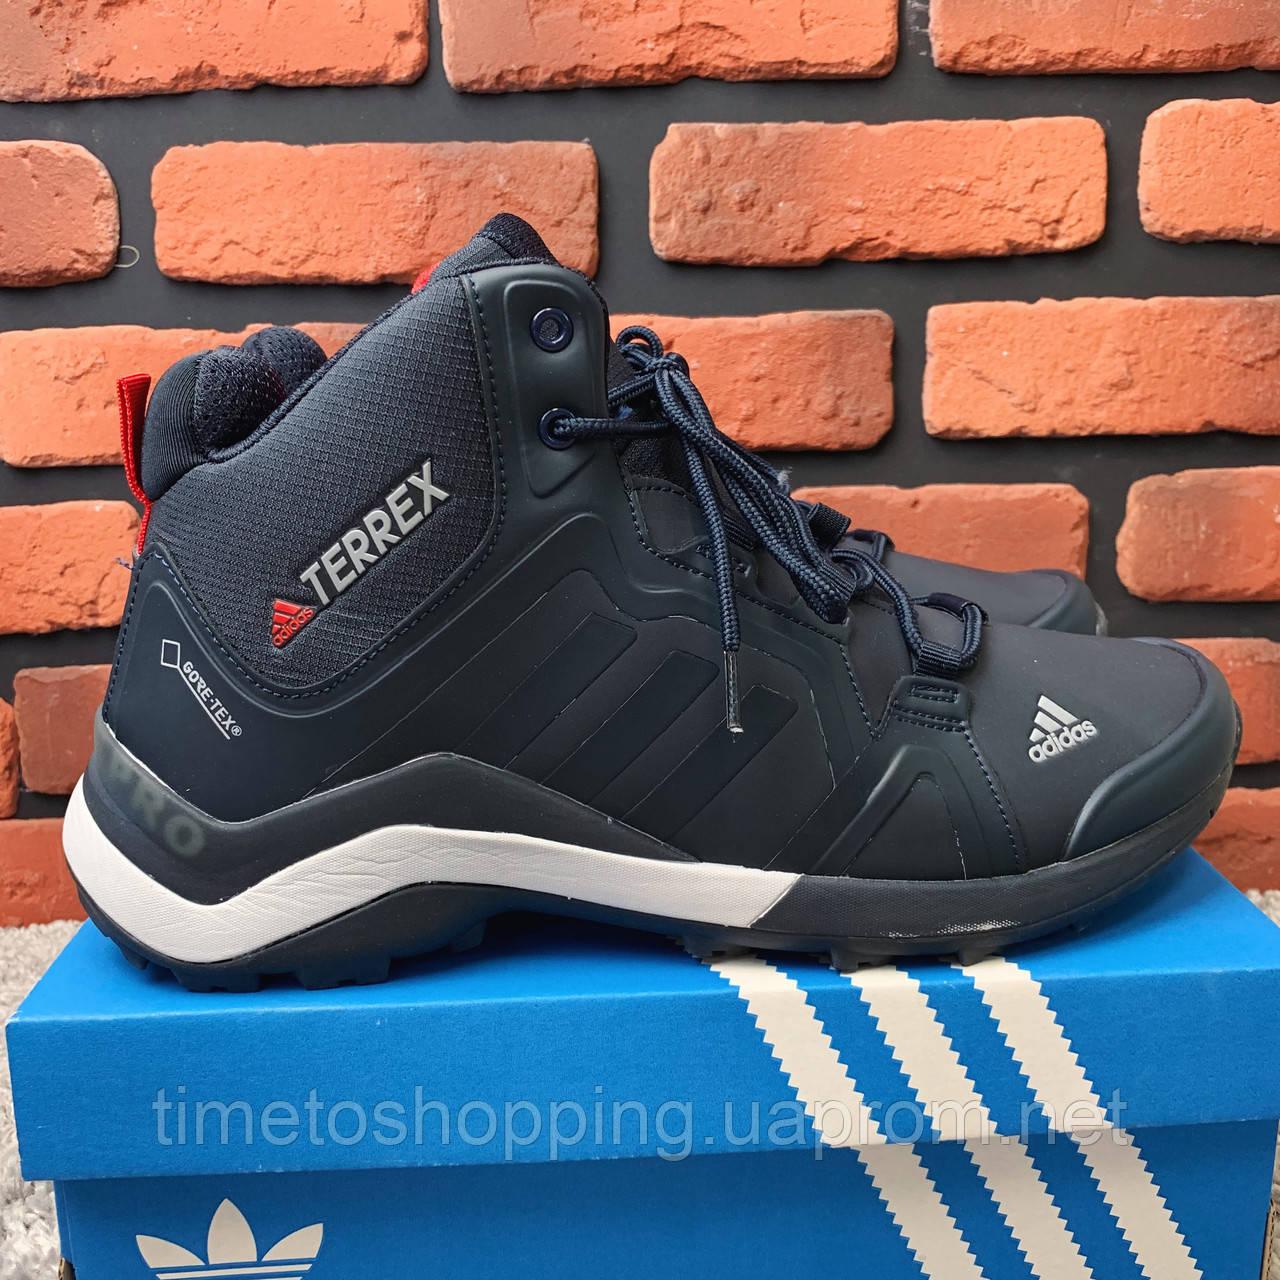 Зимние ботинки (на меху) мужские Adidas TERREX 3-082 ⏩ [ 44 последний размер ]